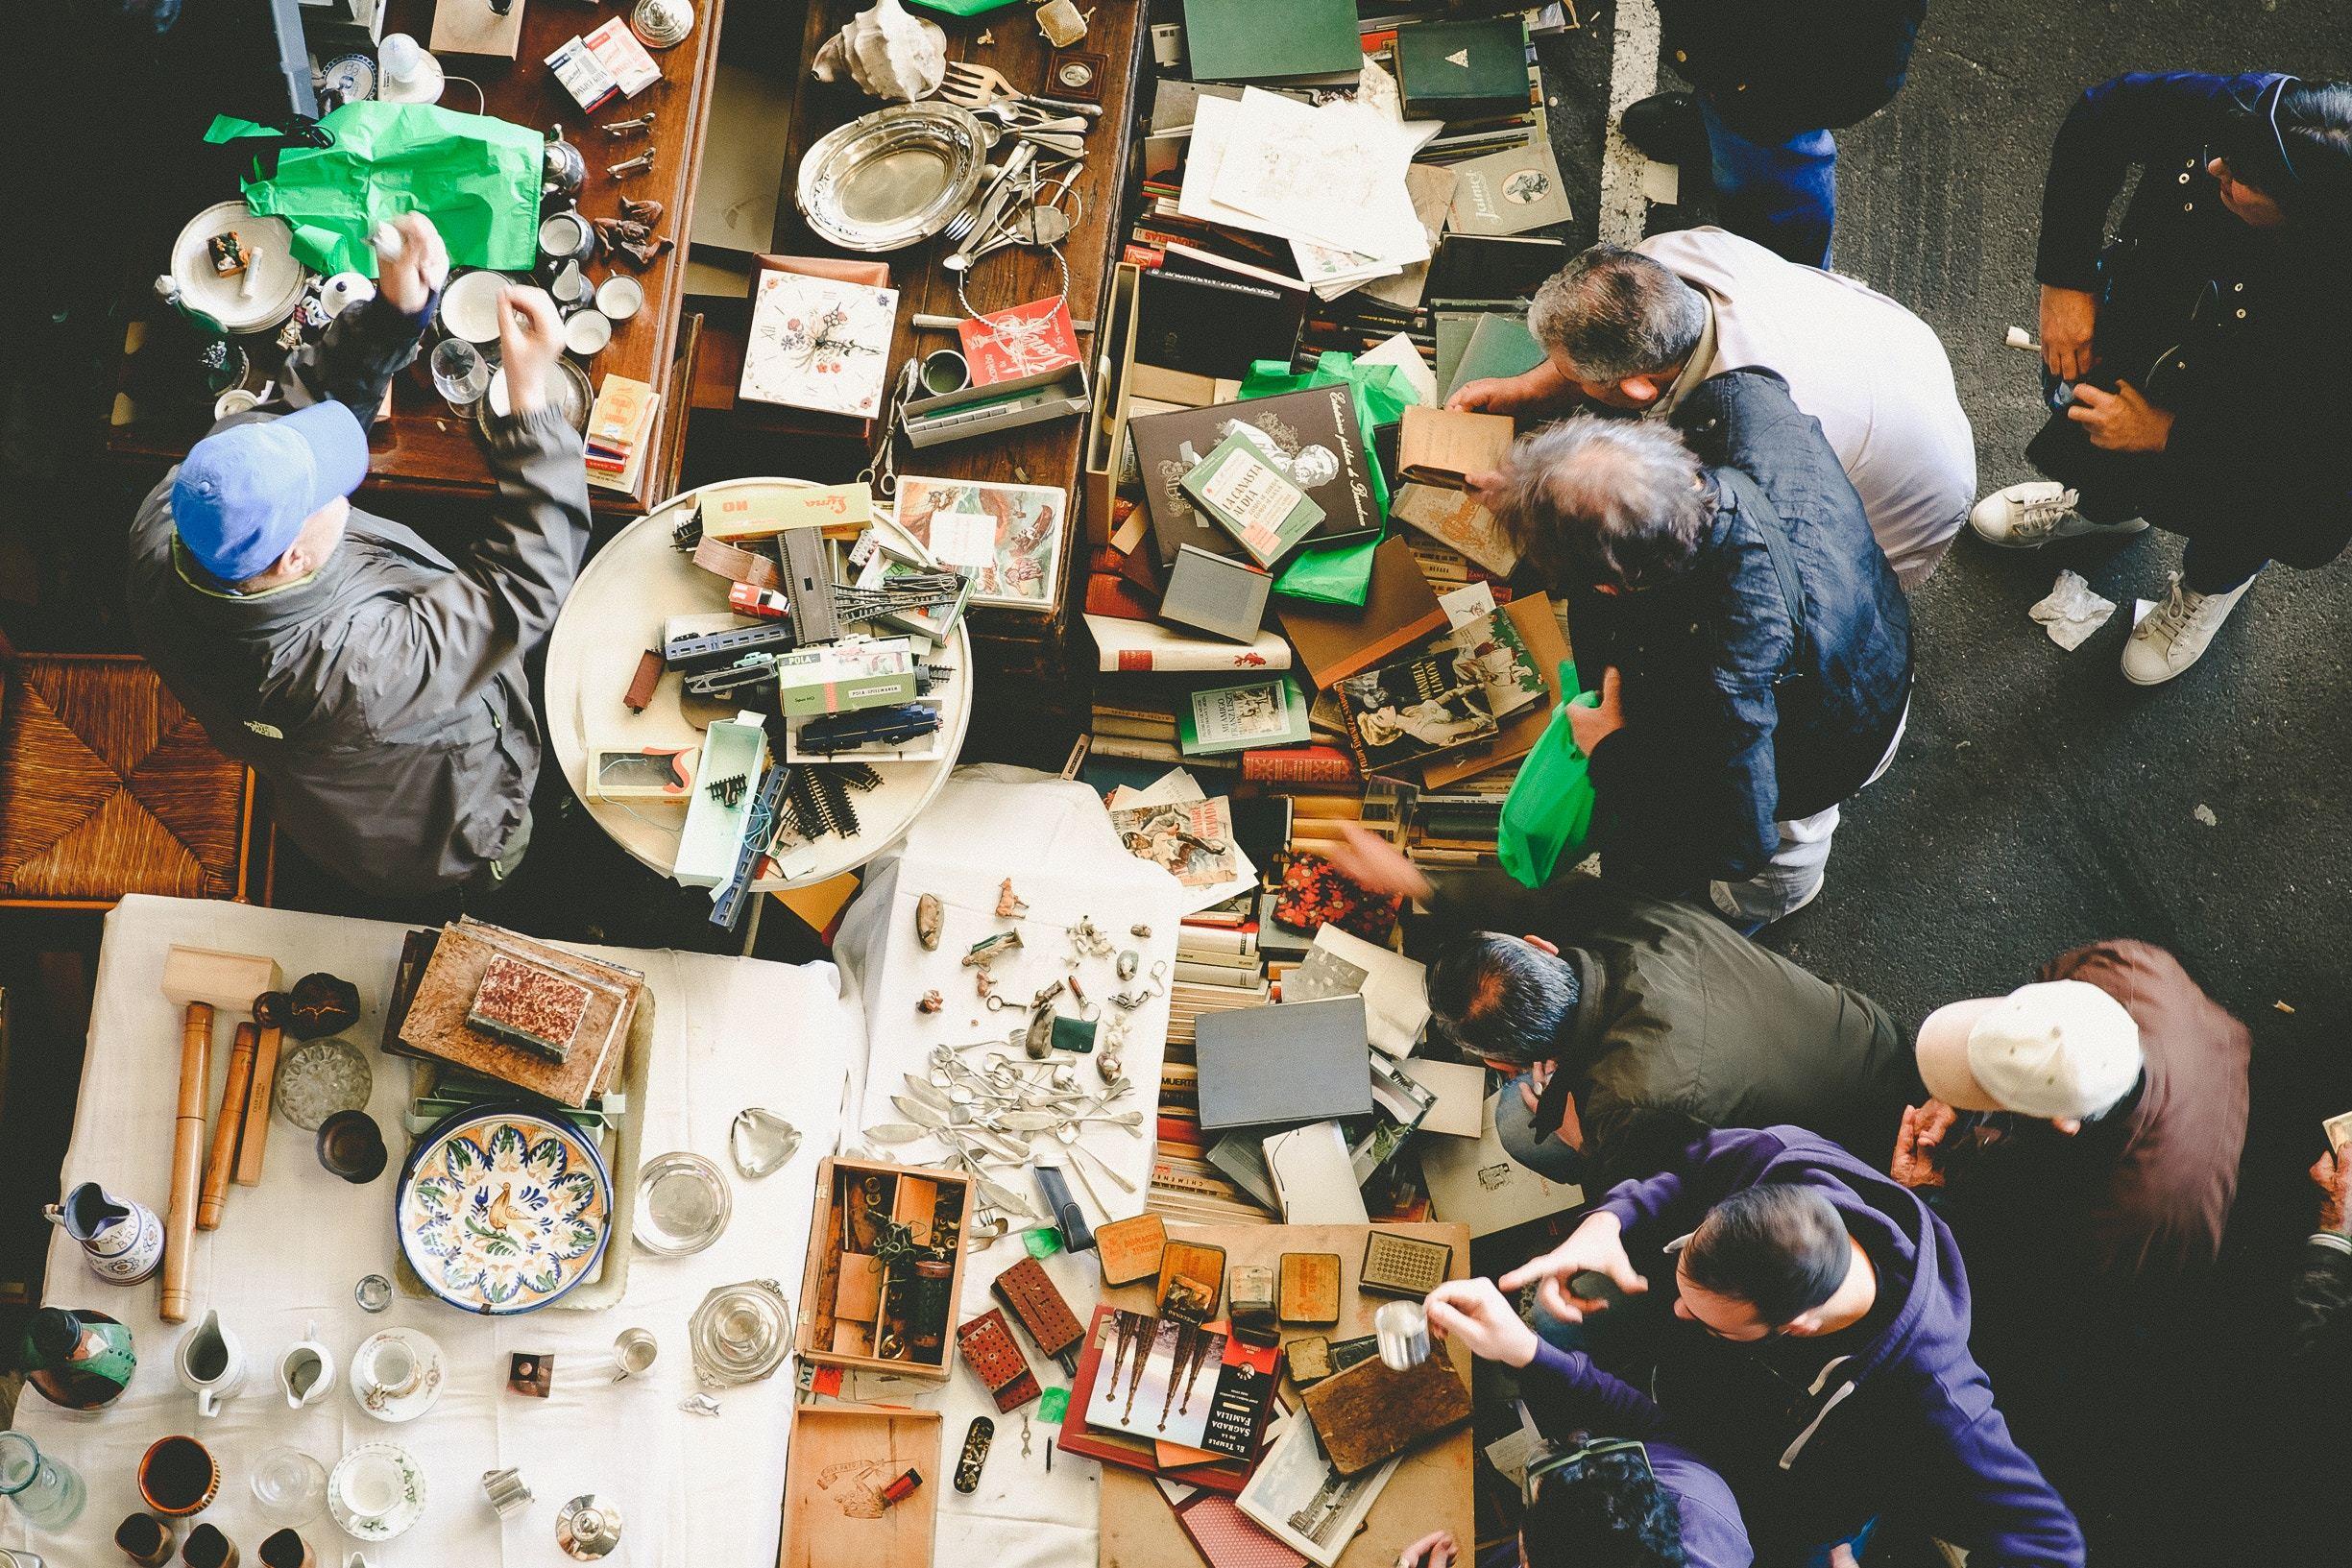 Foto illustrasjon frivillig loppemarked